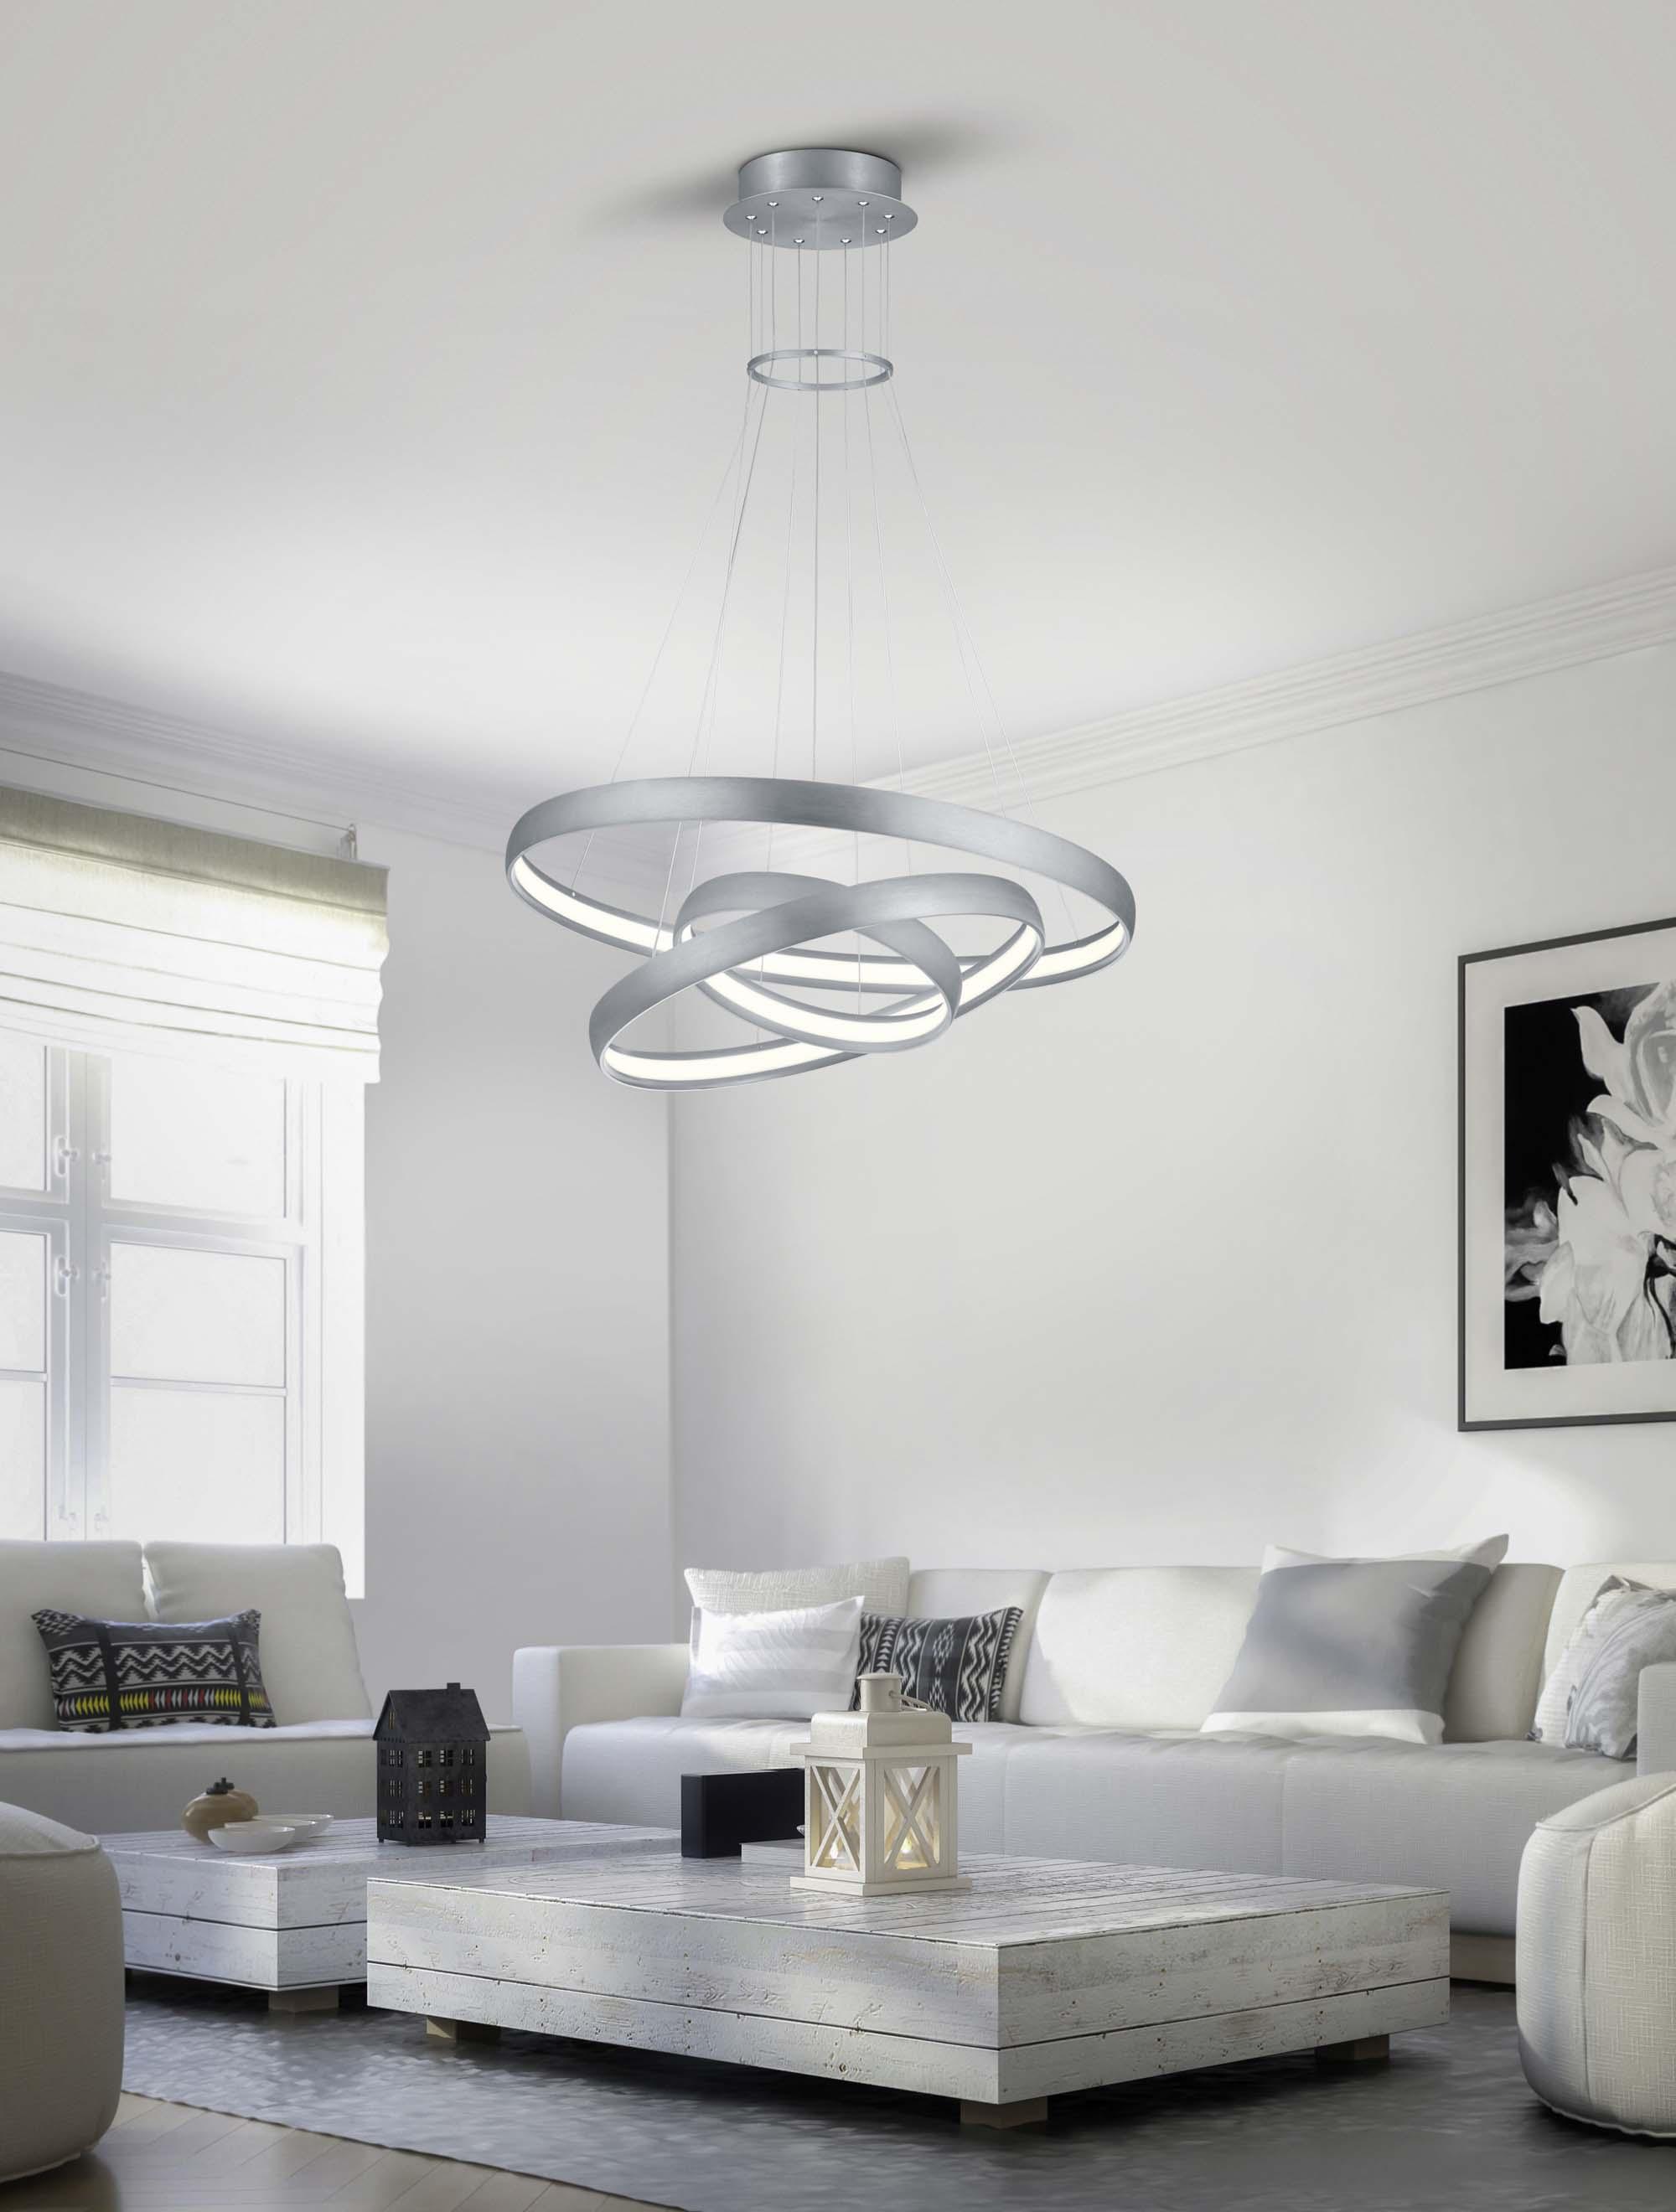 Lampadario A Led Moderno Design Alluminio Trio 325610305 Macau Ebay